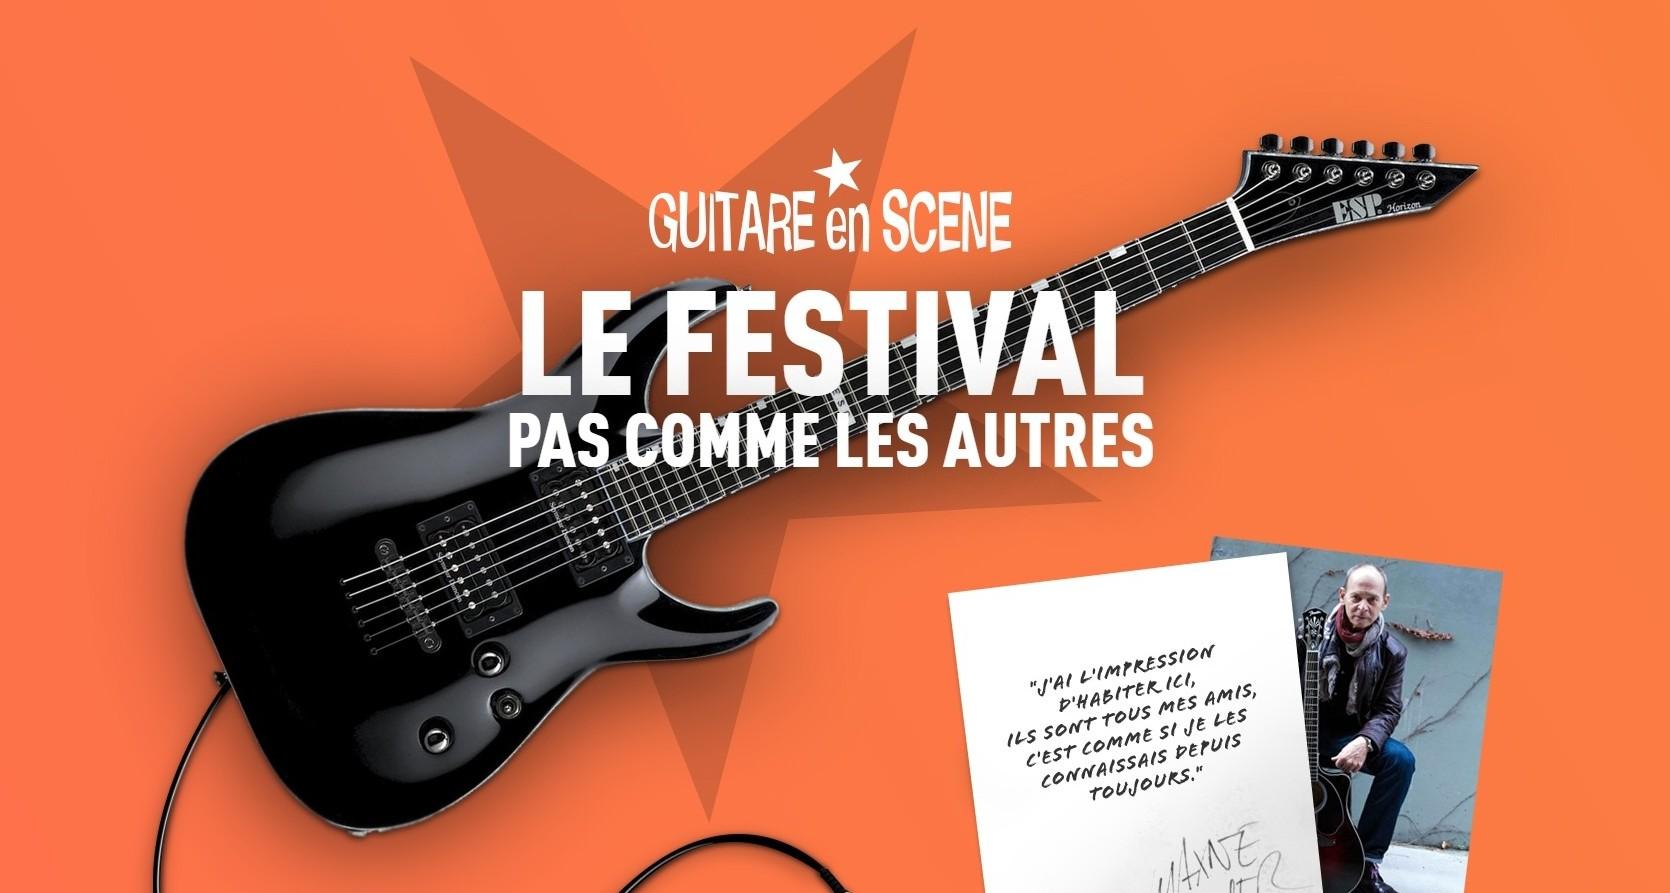 Tentes et Chapiteaux au festival guitare en scène